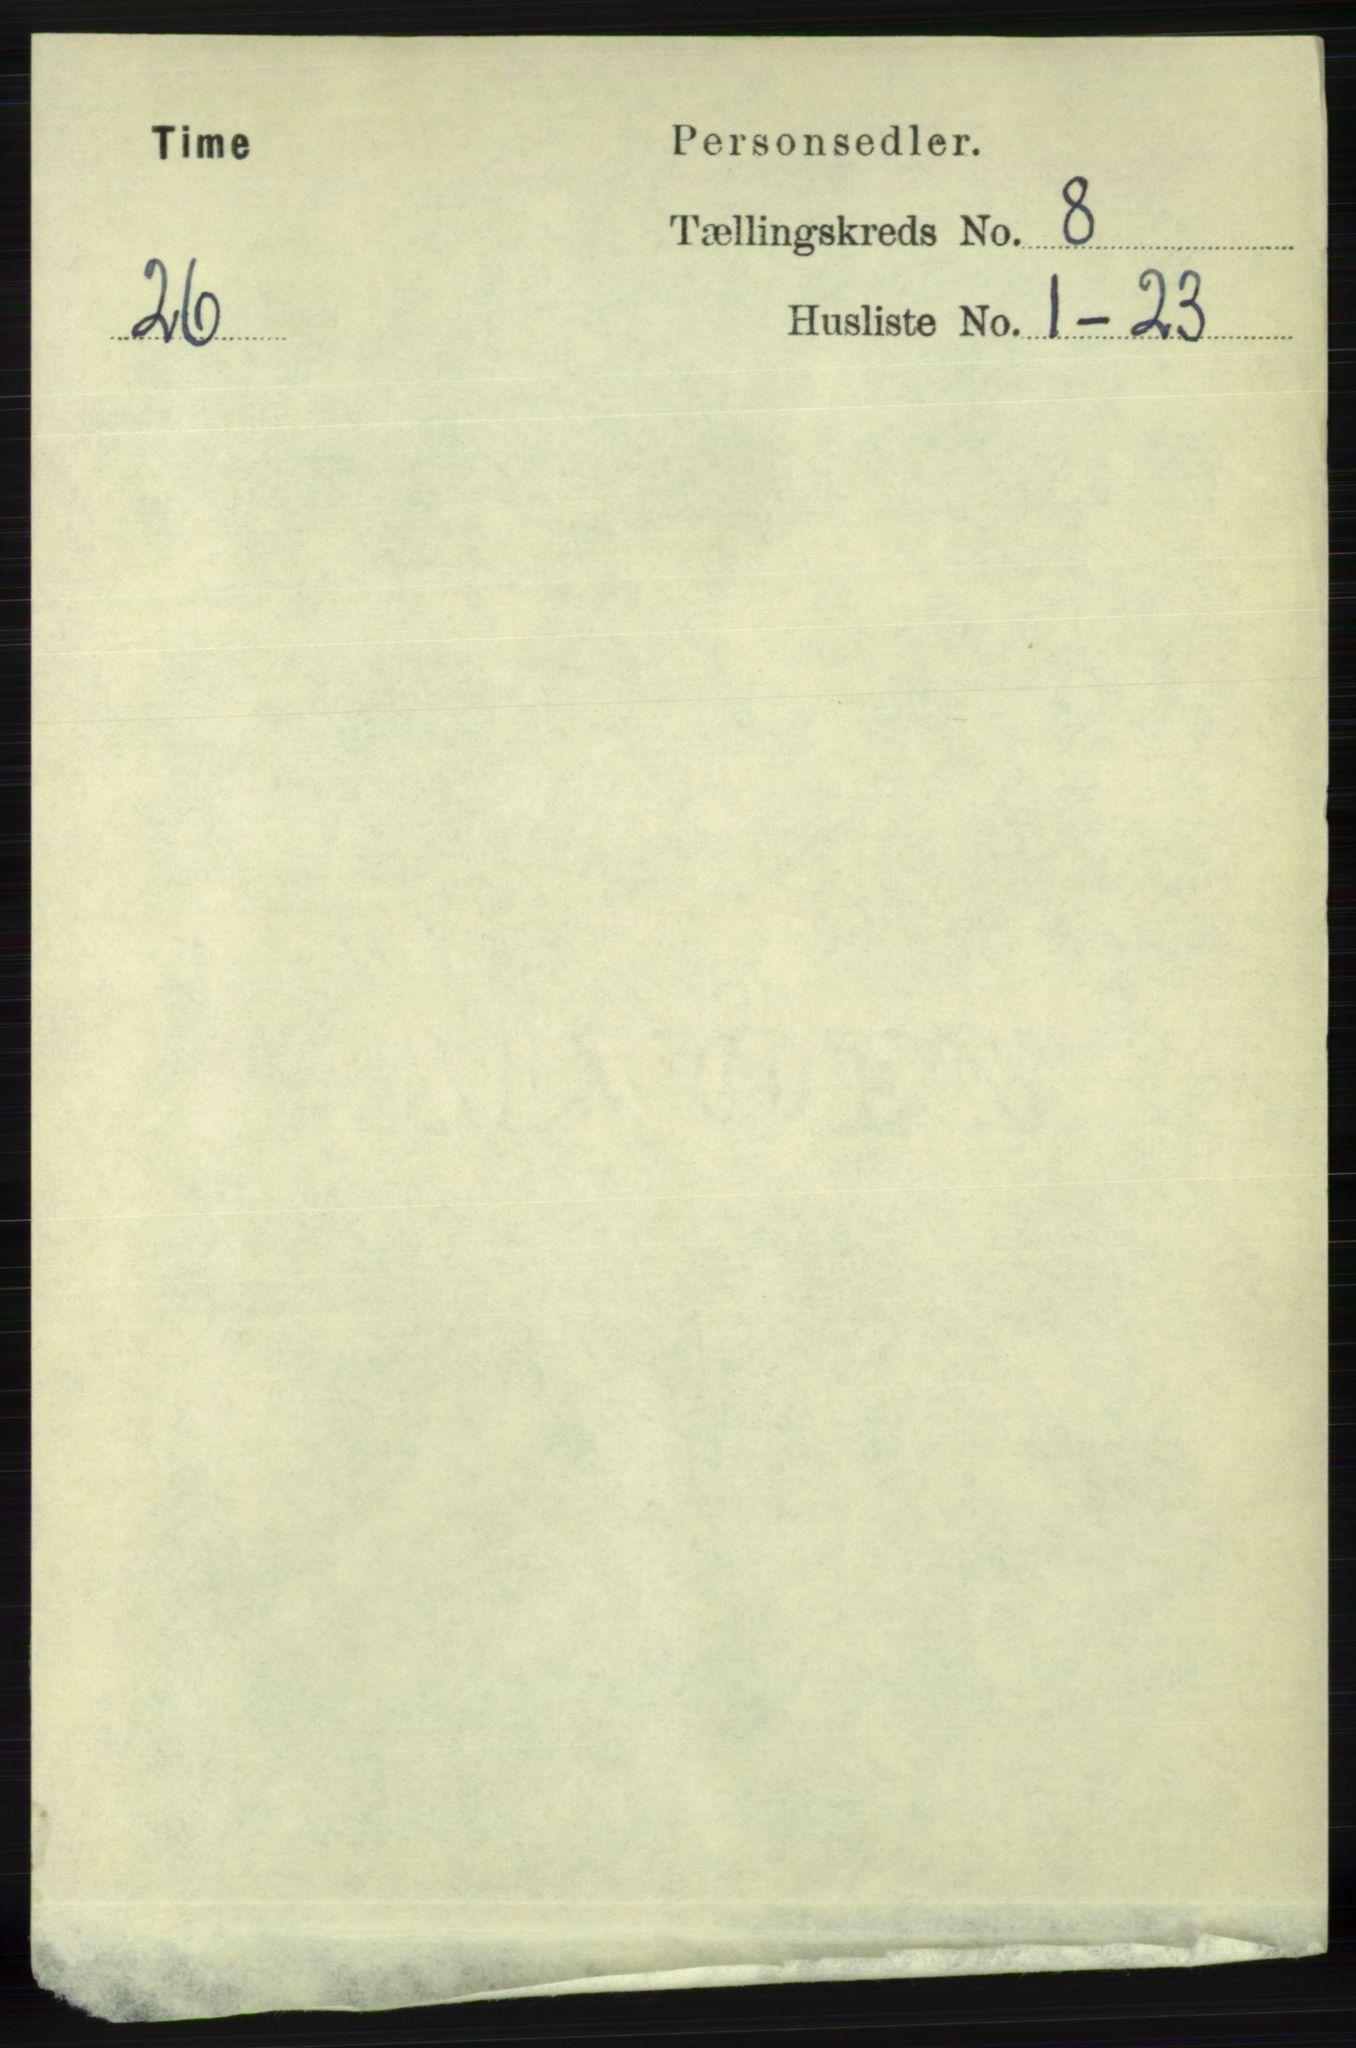 RA, Folketelling 1891 for 1121 Time herred, 1891, s. 2968